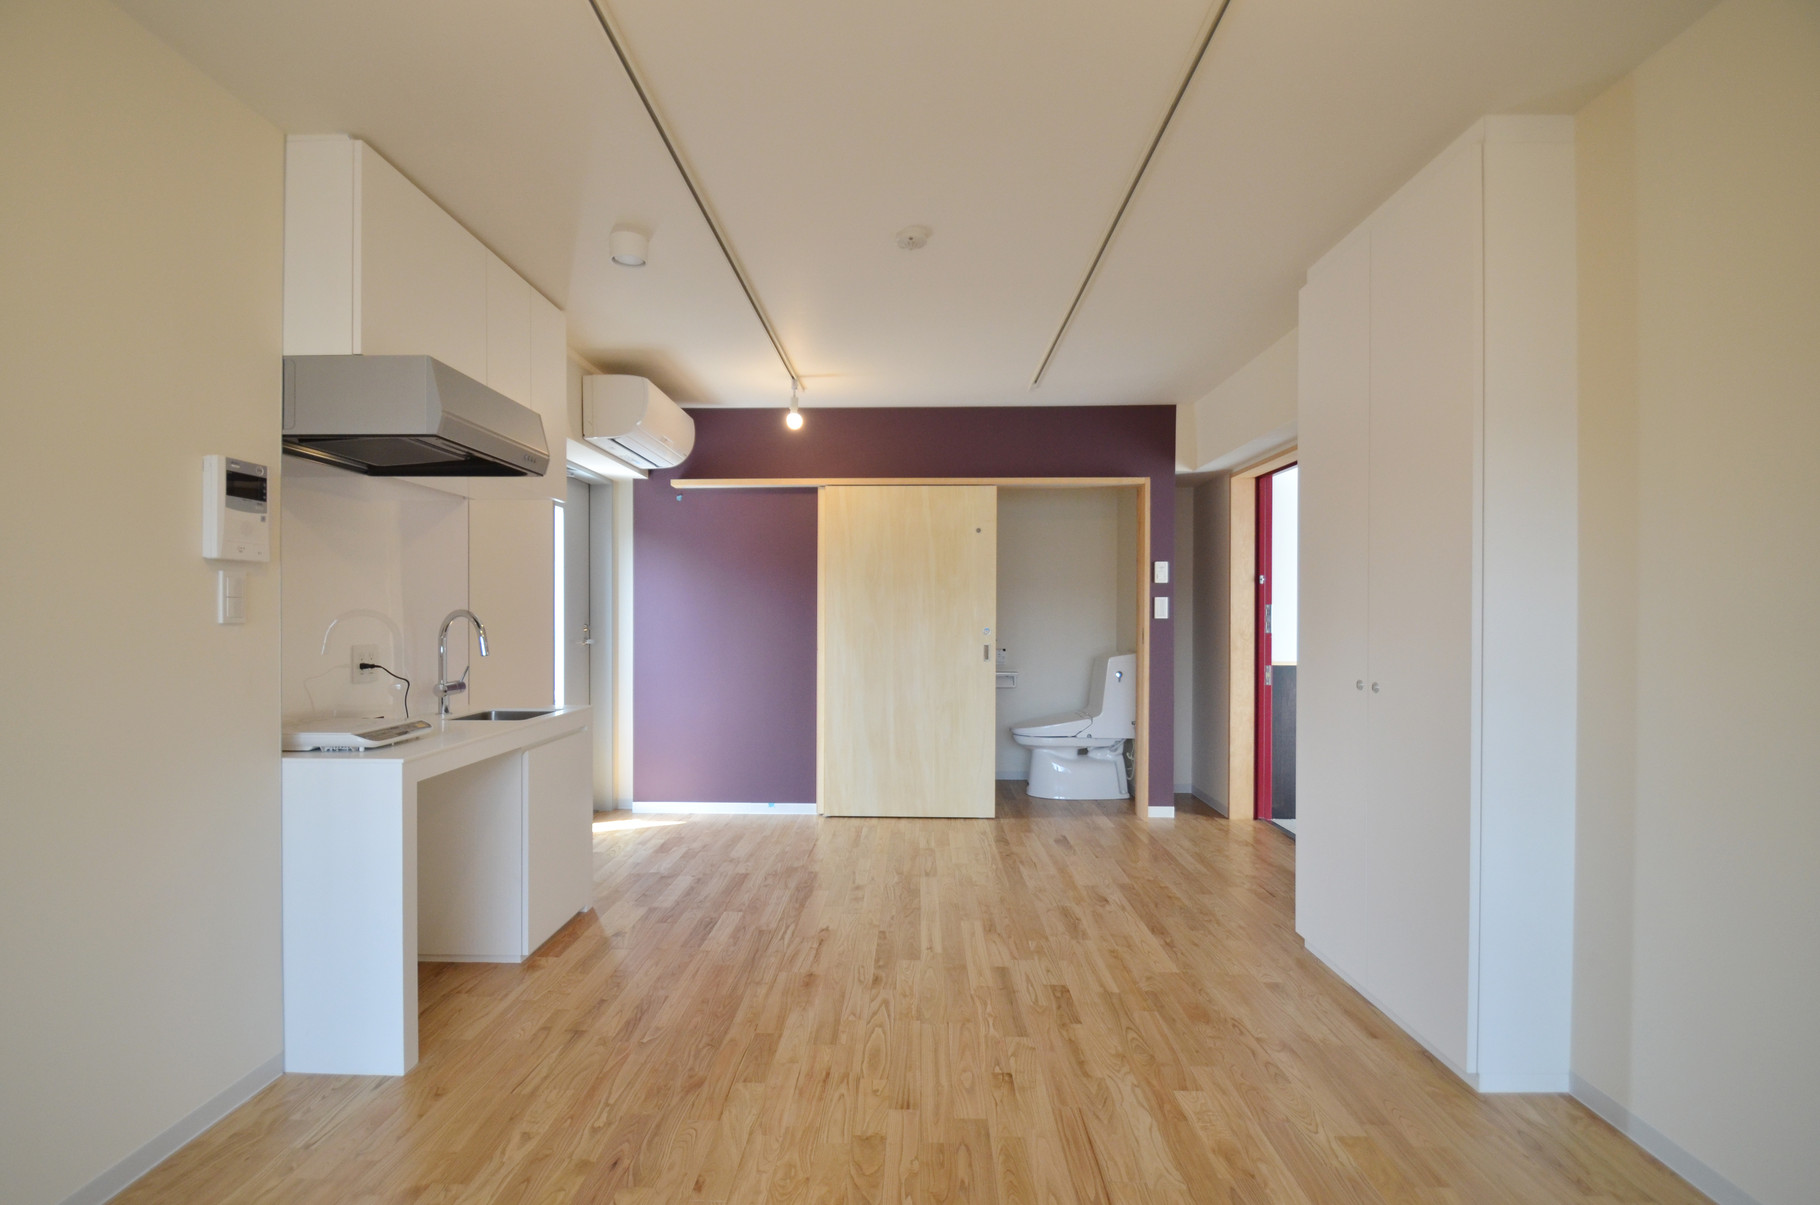 個室はすべてワンルーム。コンパクトなキッチンとシャワー・トイレがあるのでプライバシーも守られます。